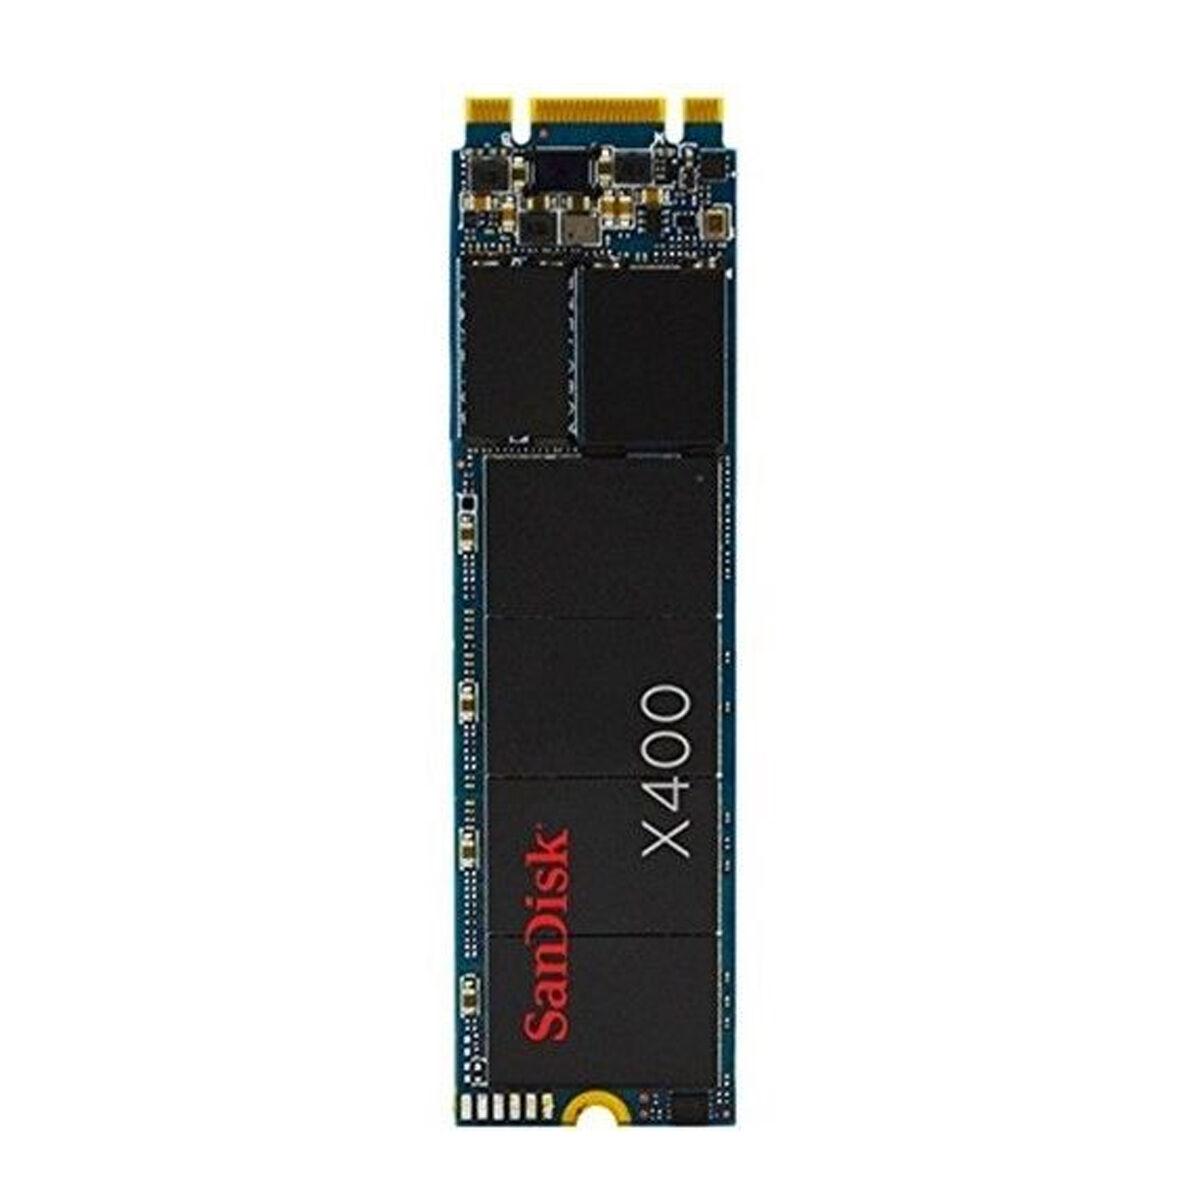 SanDisk X400 512GB SSD M.2 2280 SATA III 6Gb/s Internal SD8SN8U-512G-1122